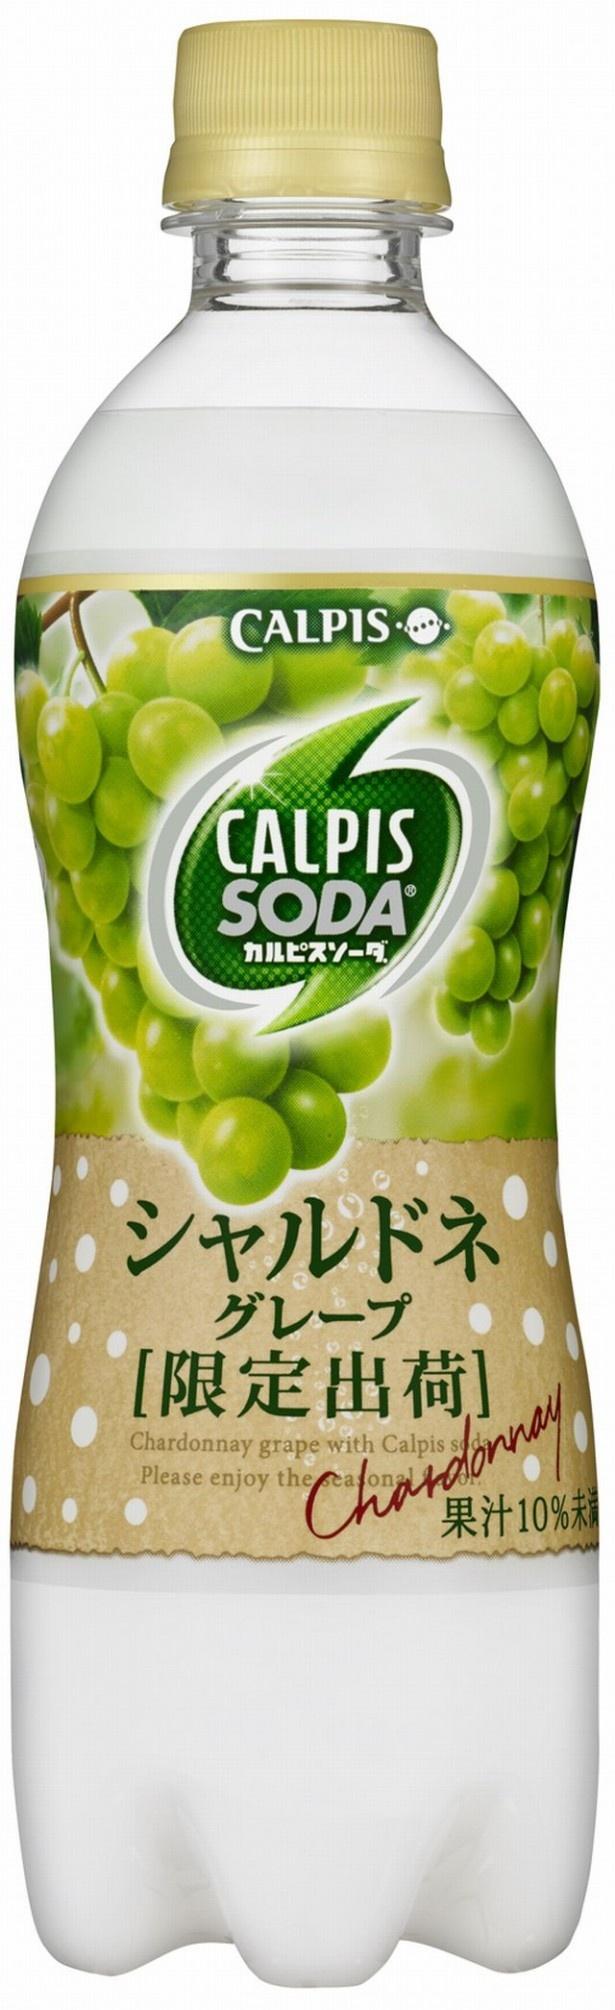 【写真を見る】1月末までの限定発売!シャルドネ果汁を加えた「カルピスソーダ シャルドネグレープ」(500mlペットボトル 税抜140円)